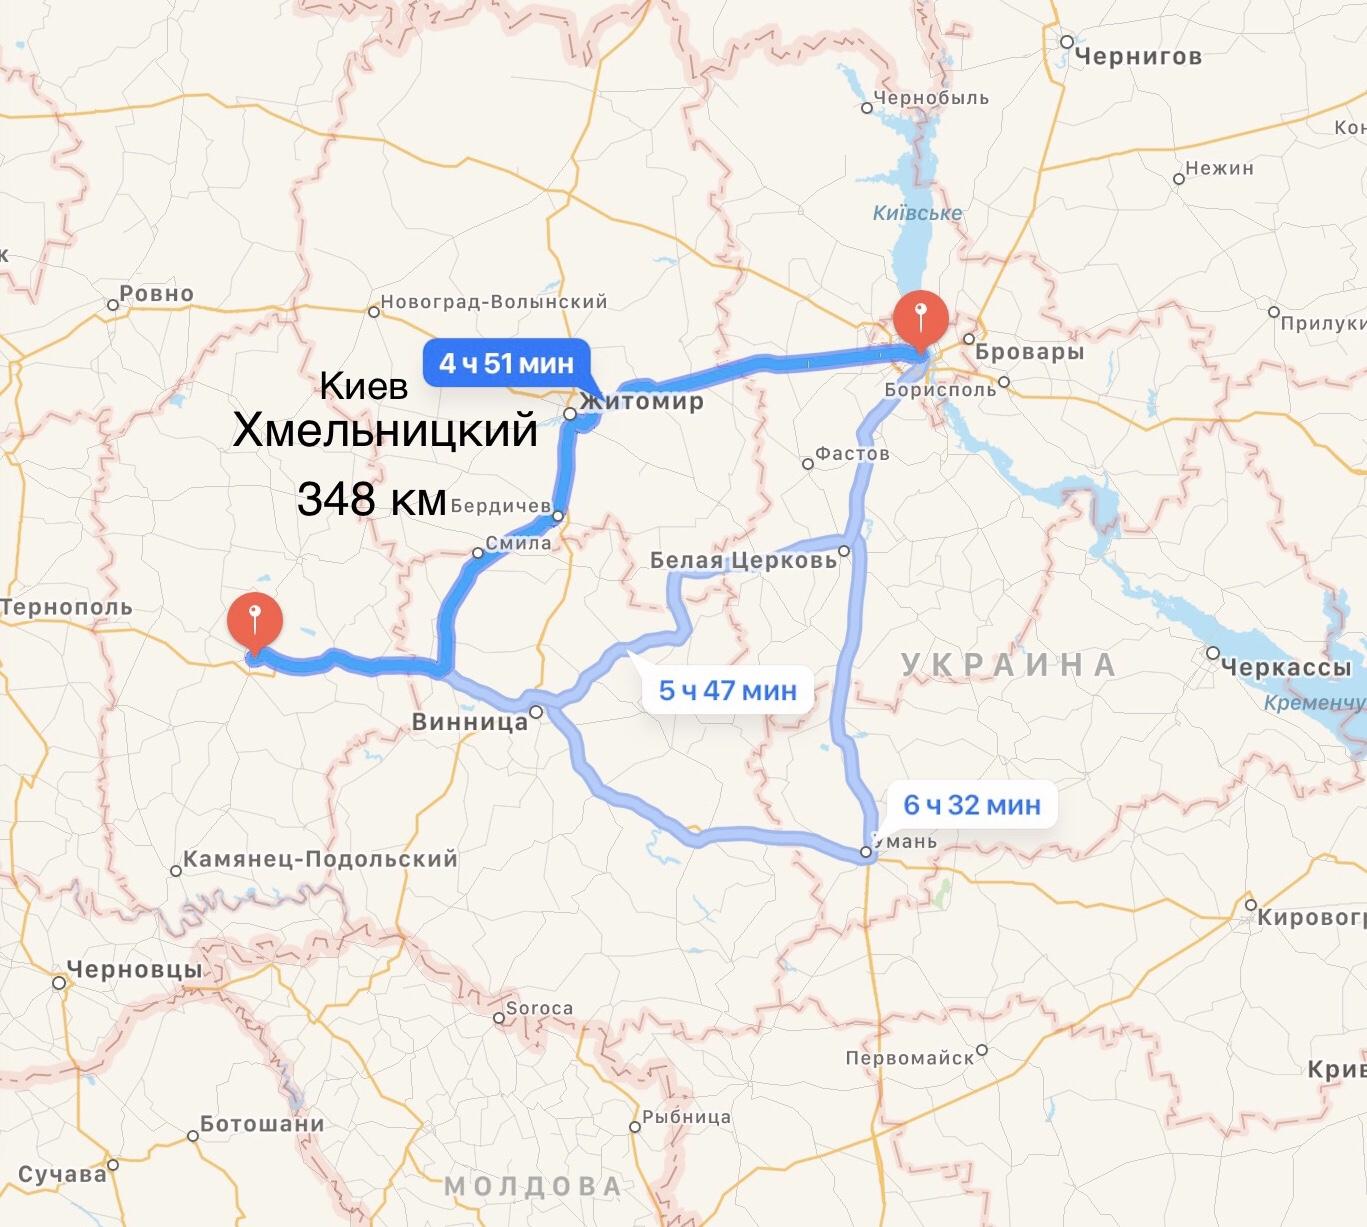 Грузоперевозки Киев – Хмельницкий